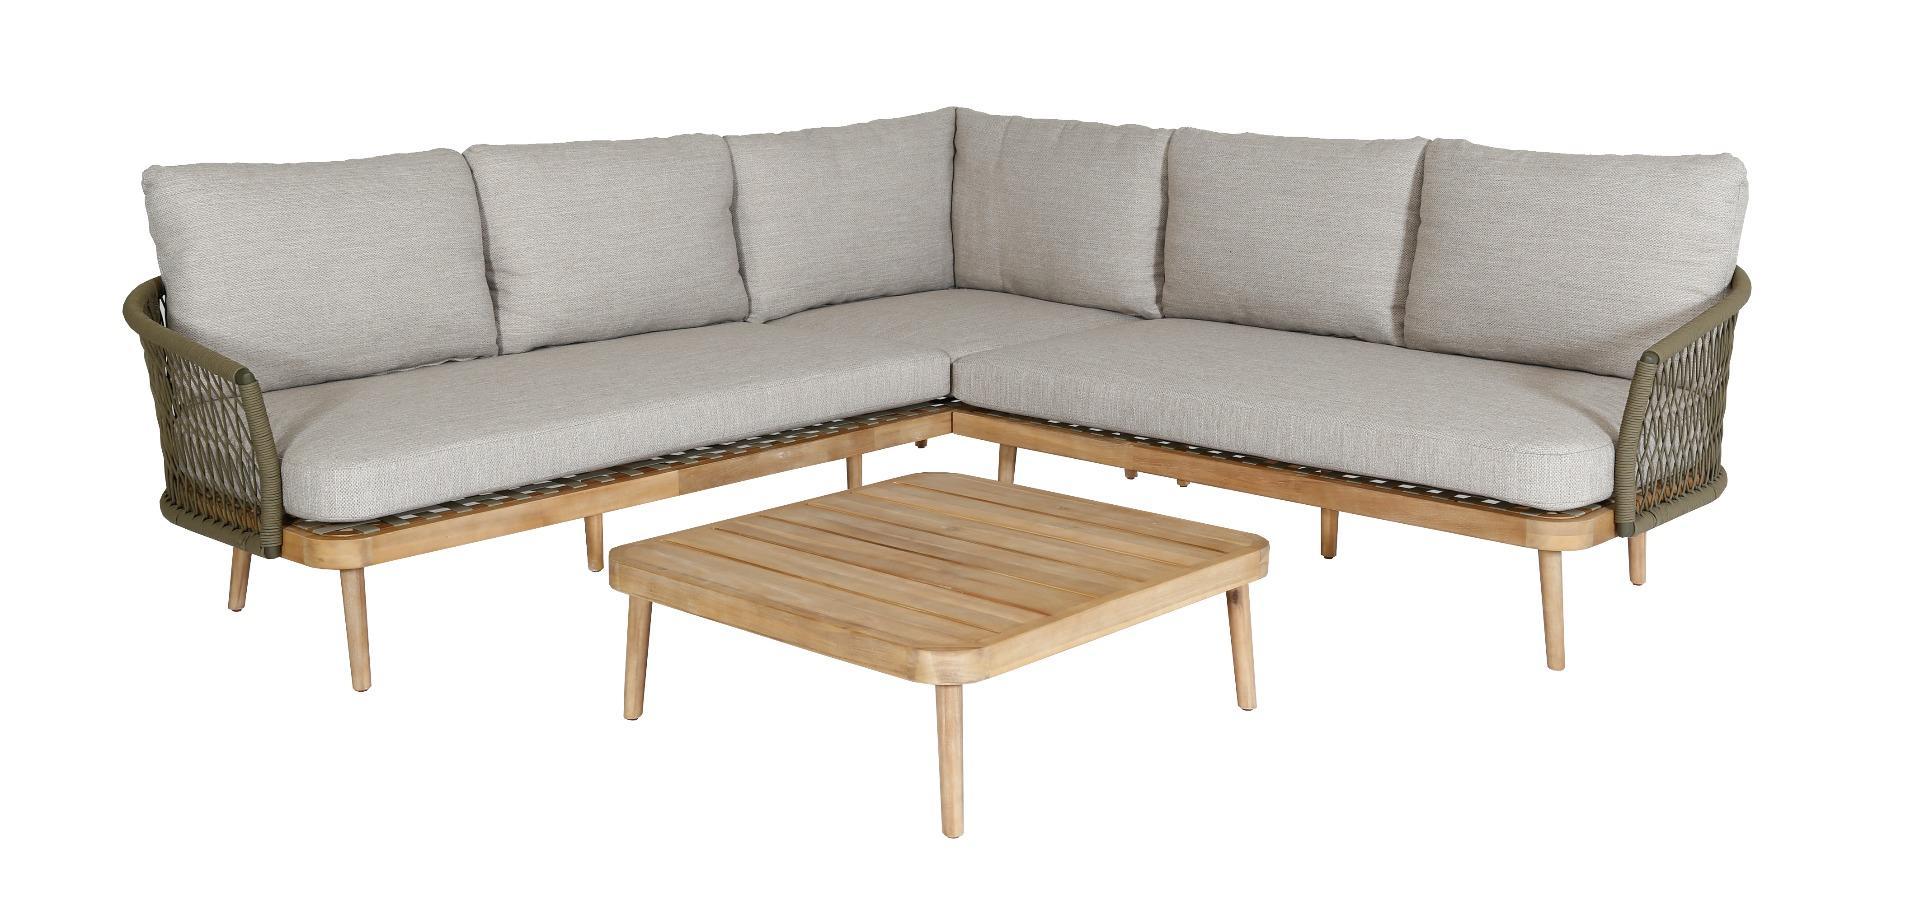 Korting Maui lounge corner set 3pcs (left arm right arm table 80x80x28cm)